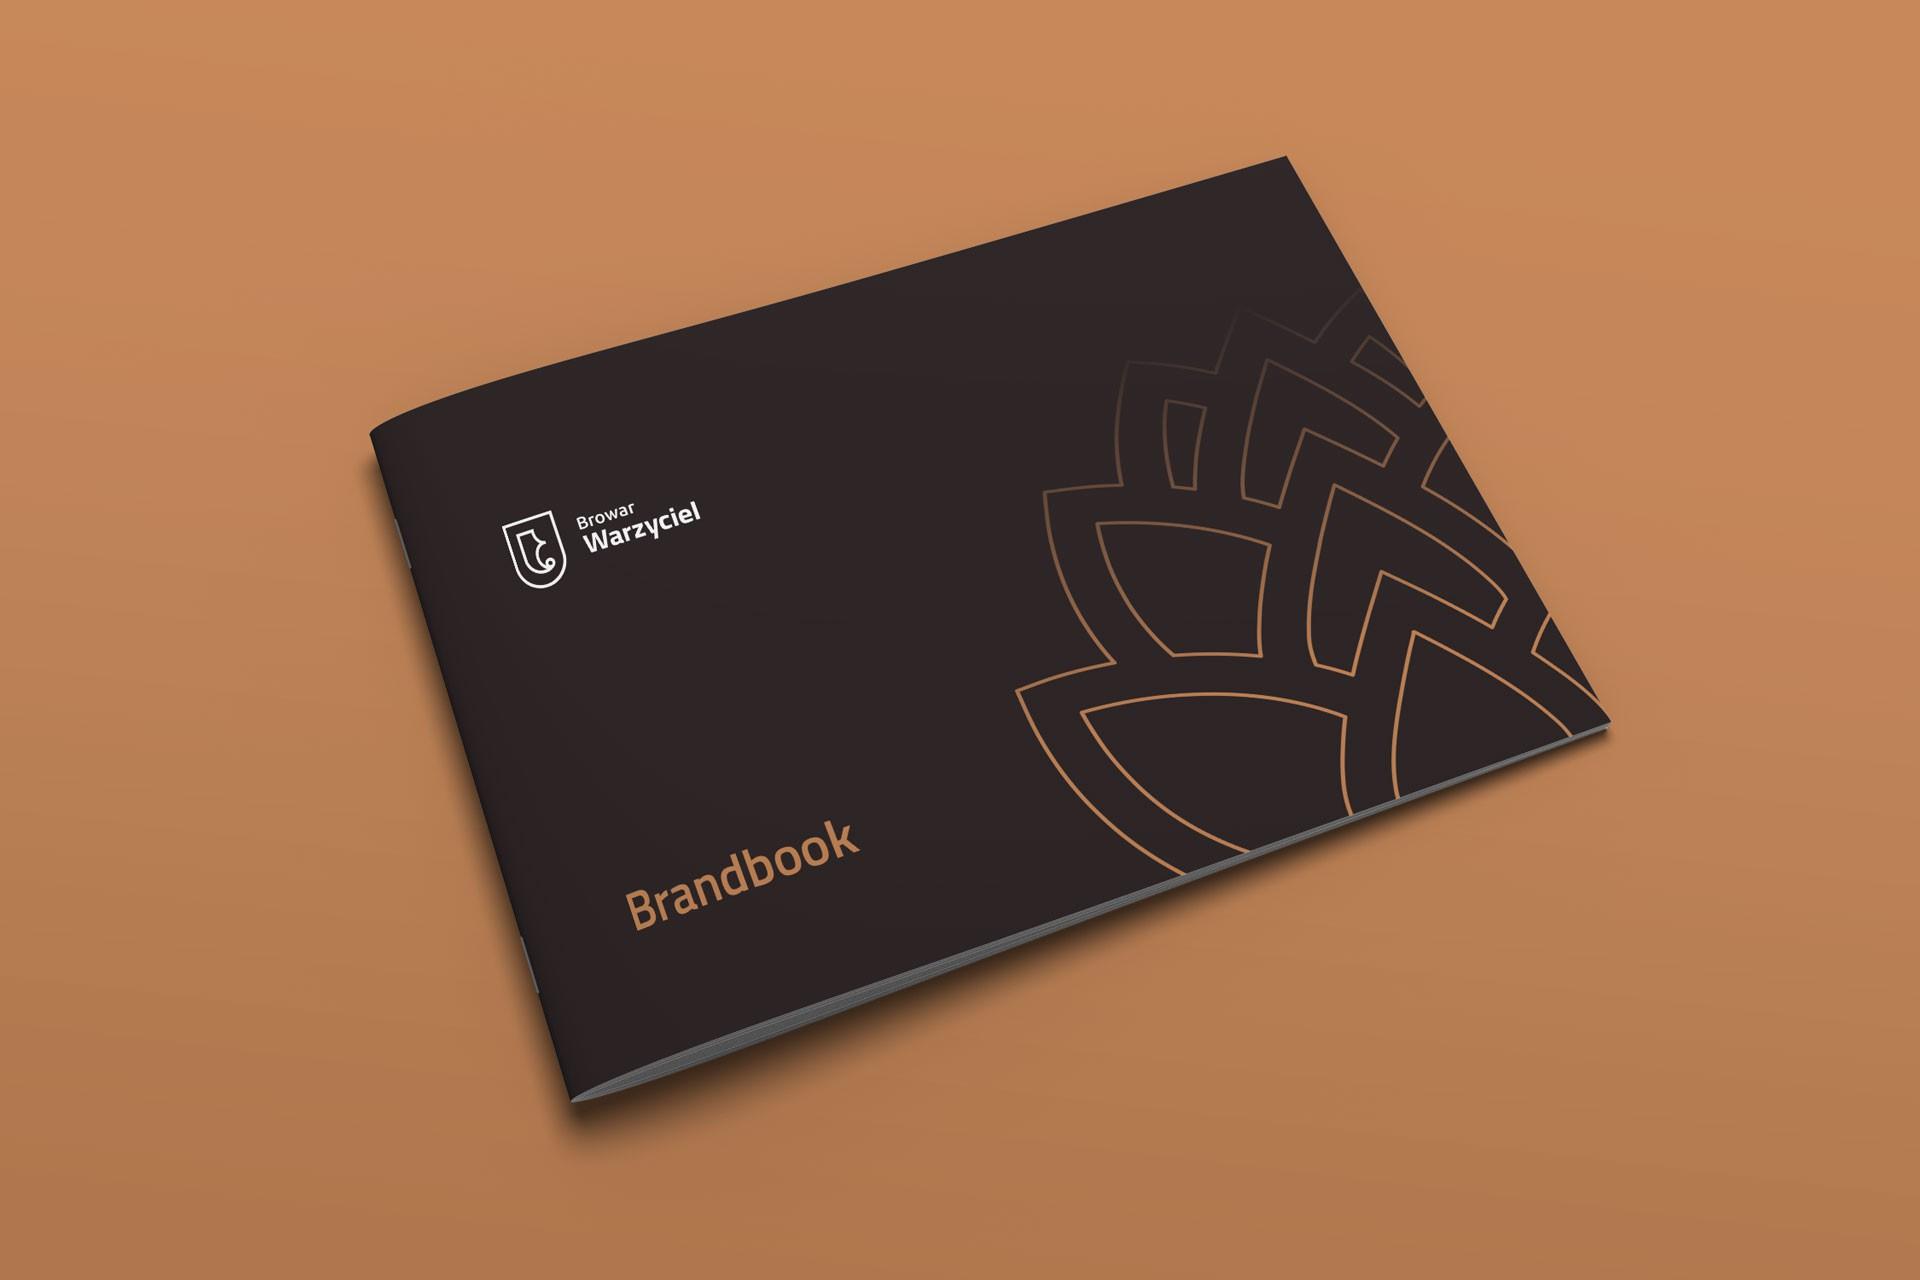 Jak stworzyć atrakcyjną wizytówkę? brandbook warzyciel browar